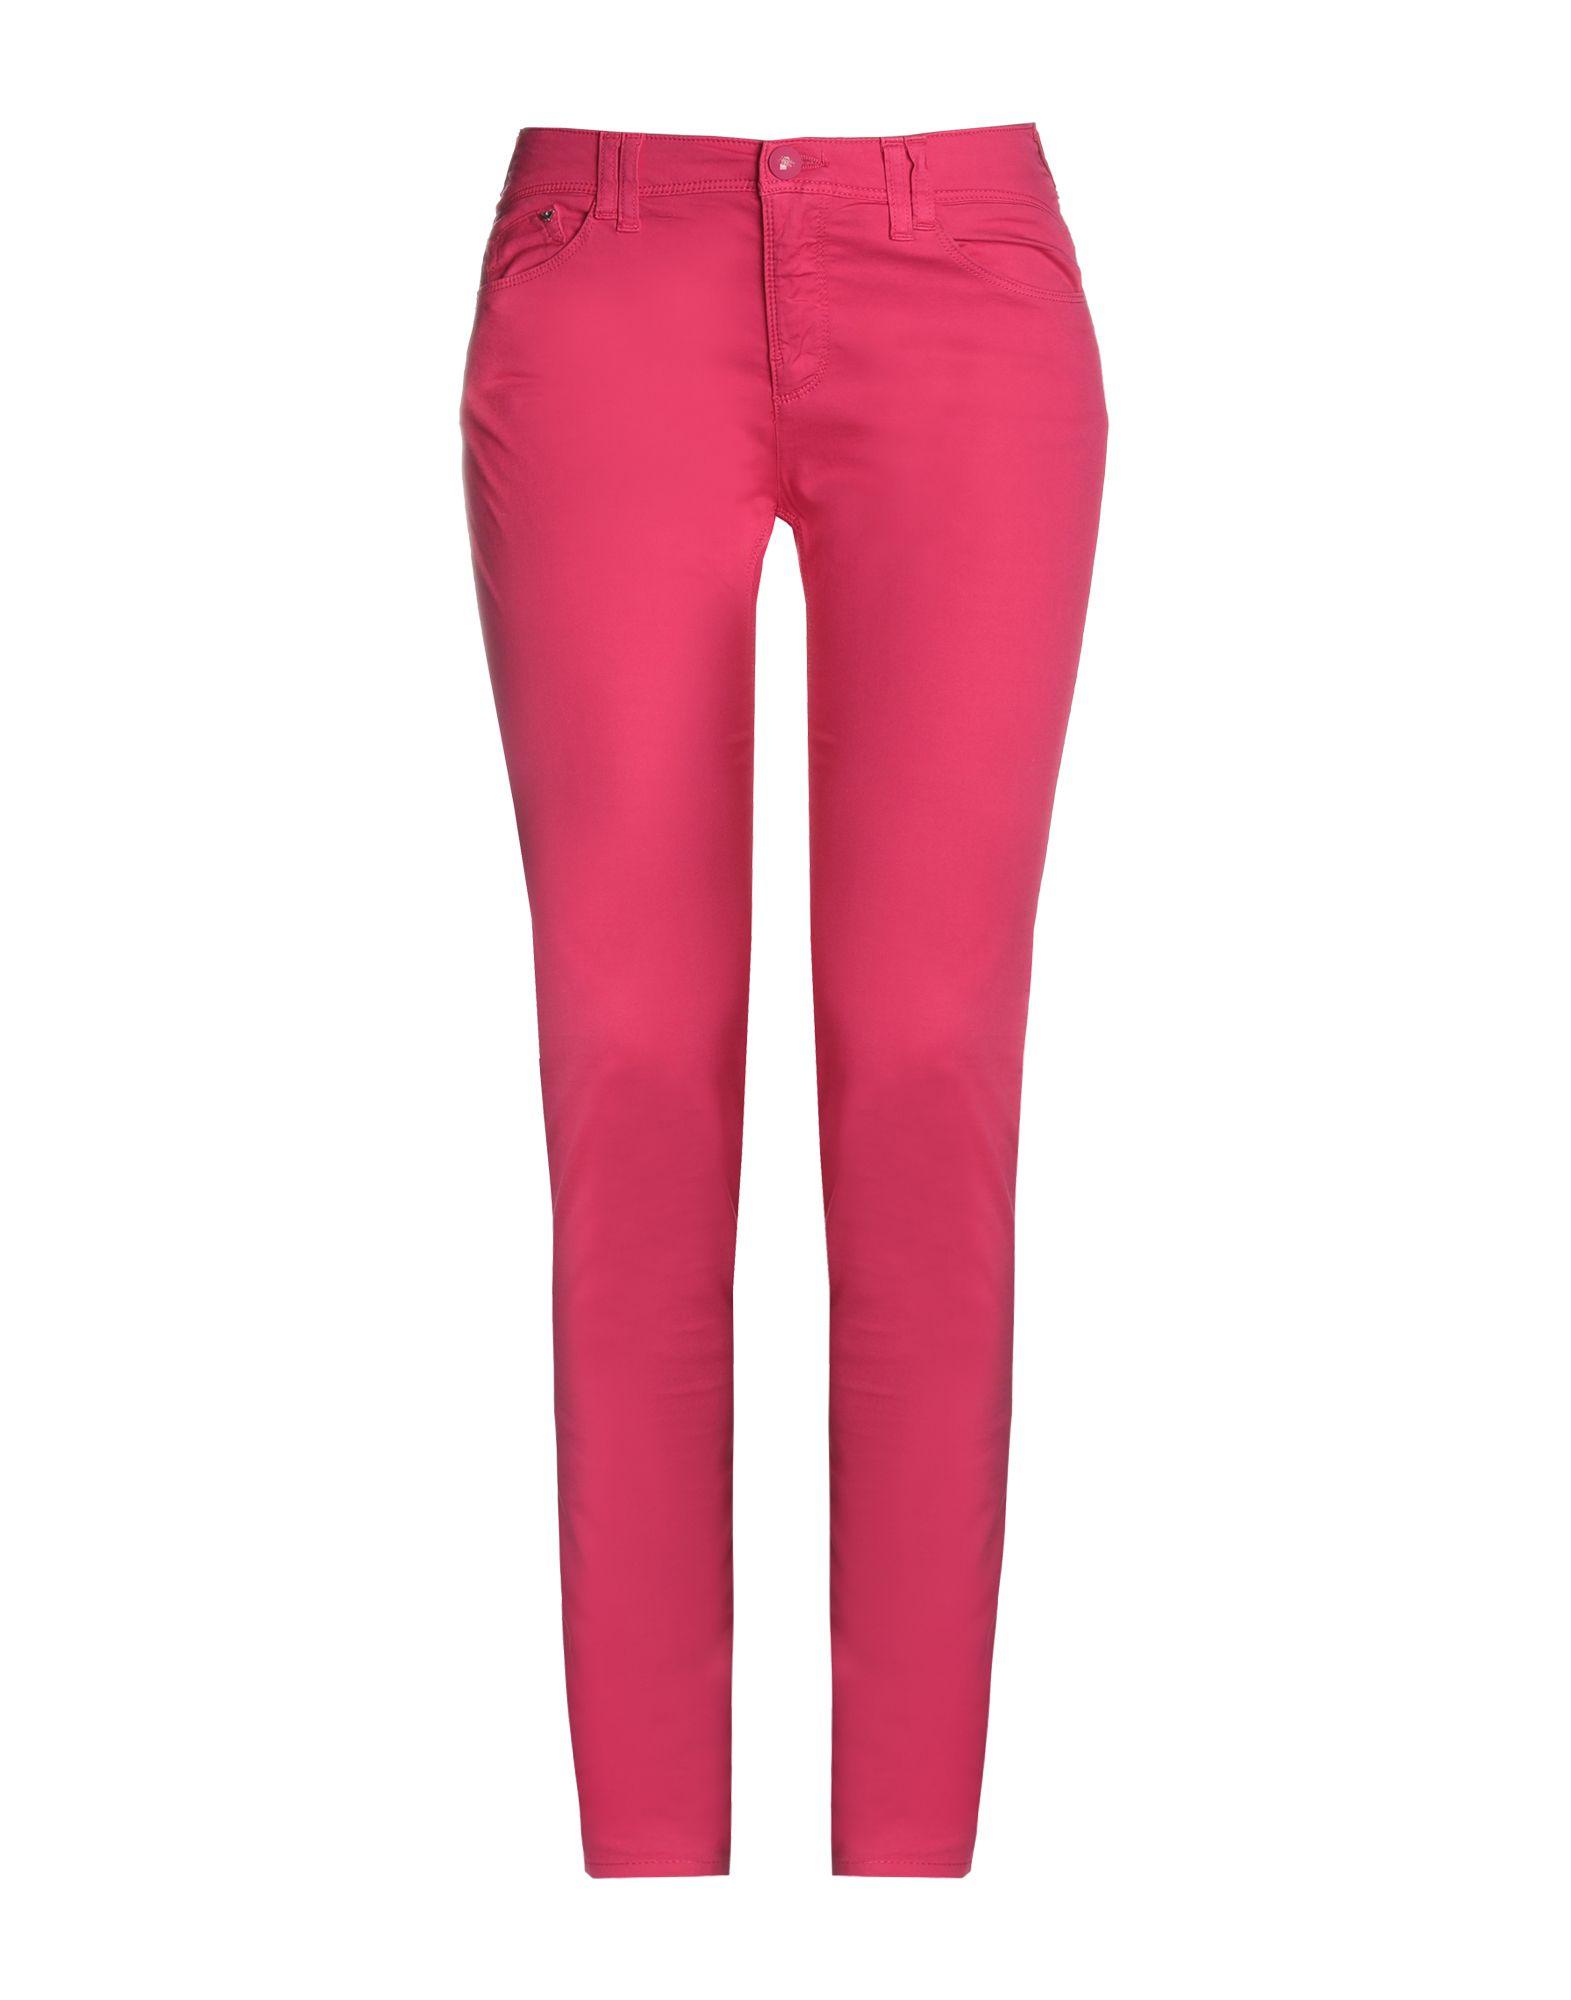 Pantalone Armani Jeans damen - 13271141QL